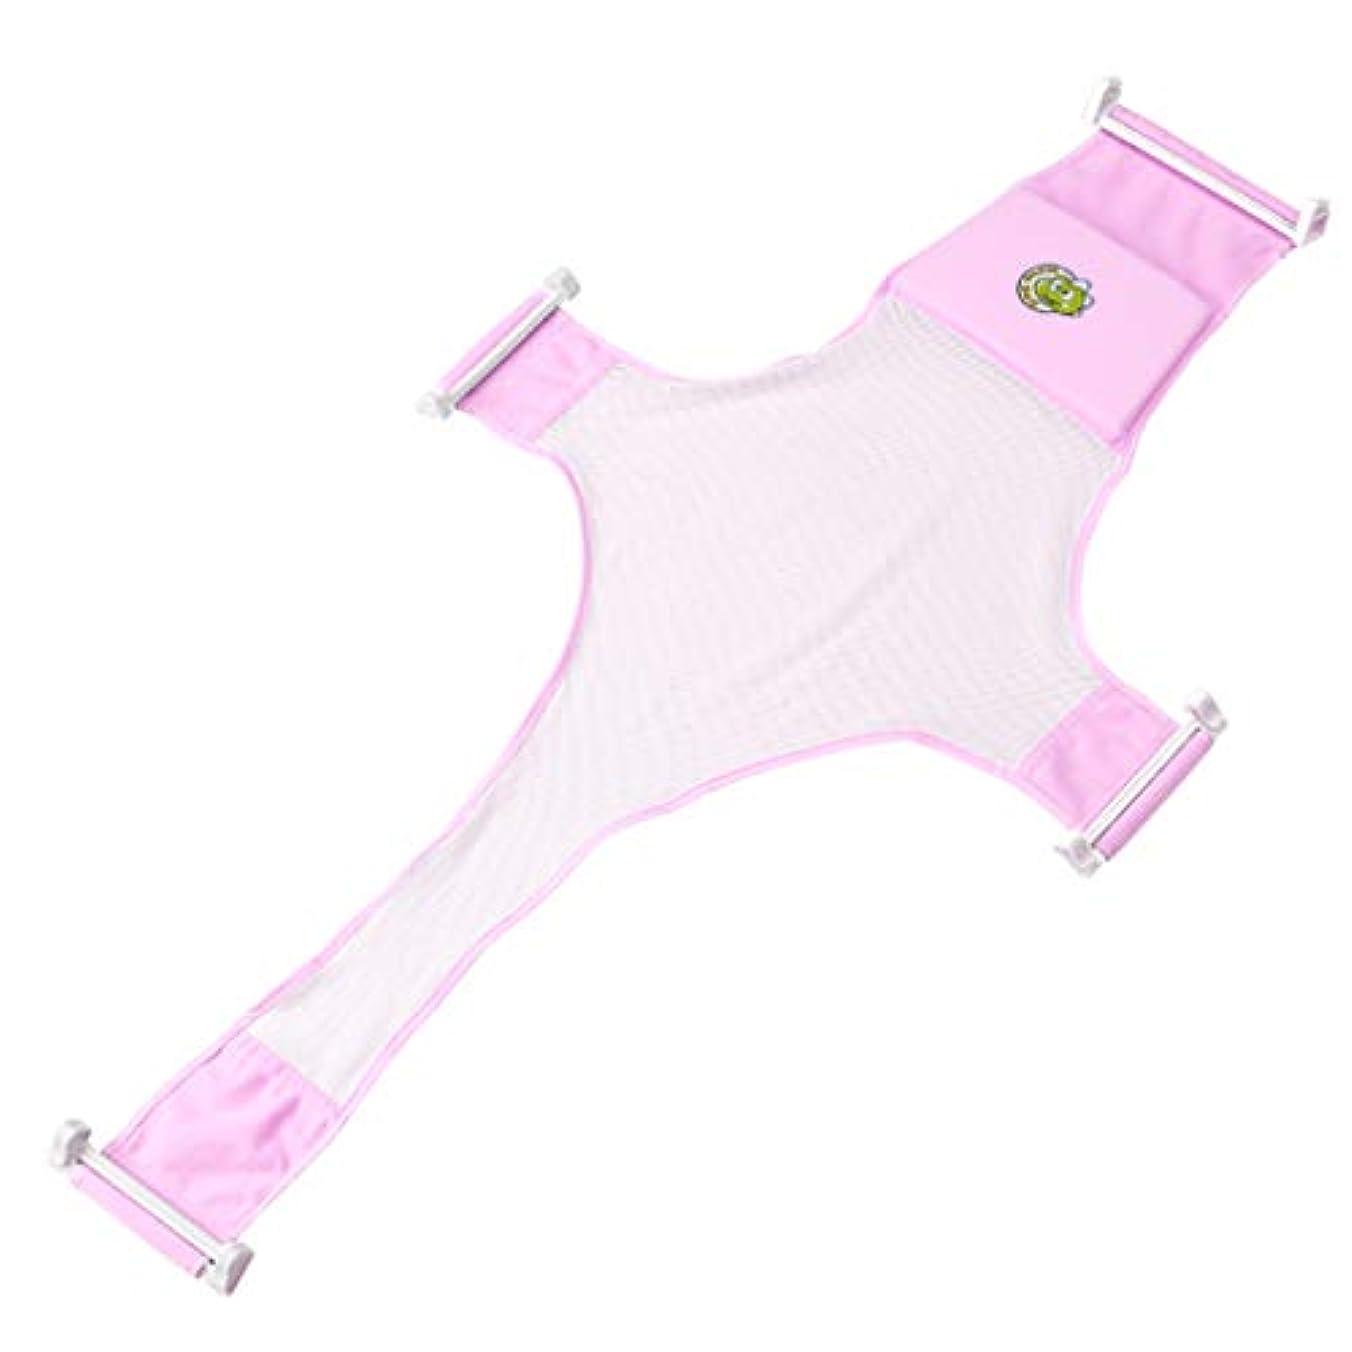 テメリティ掃除印象Oniorベビー十字架支網 調節可能 座席 支持網 滑り止め 快適 入浴 スタンドサスペンダー ハンモック 柔らかい ピンク